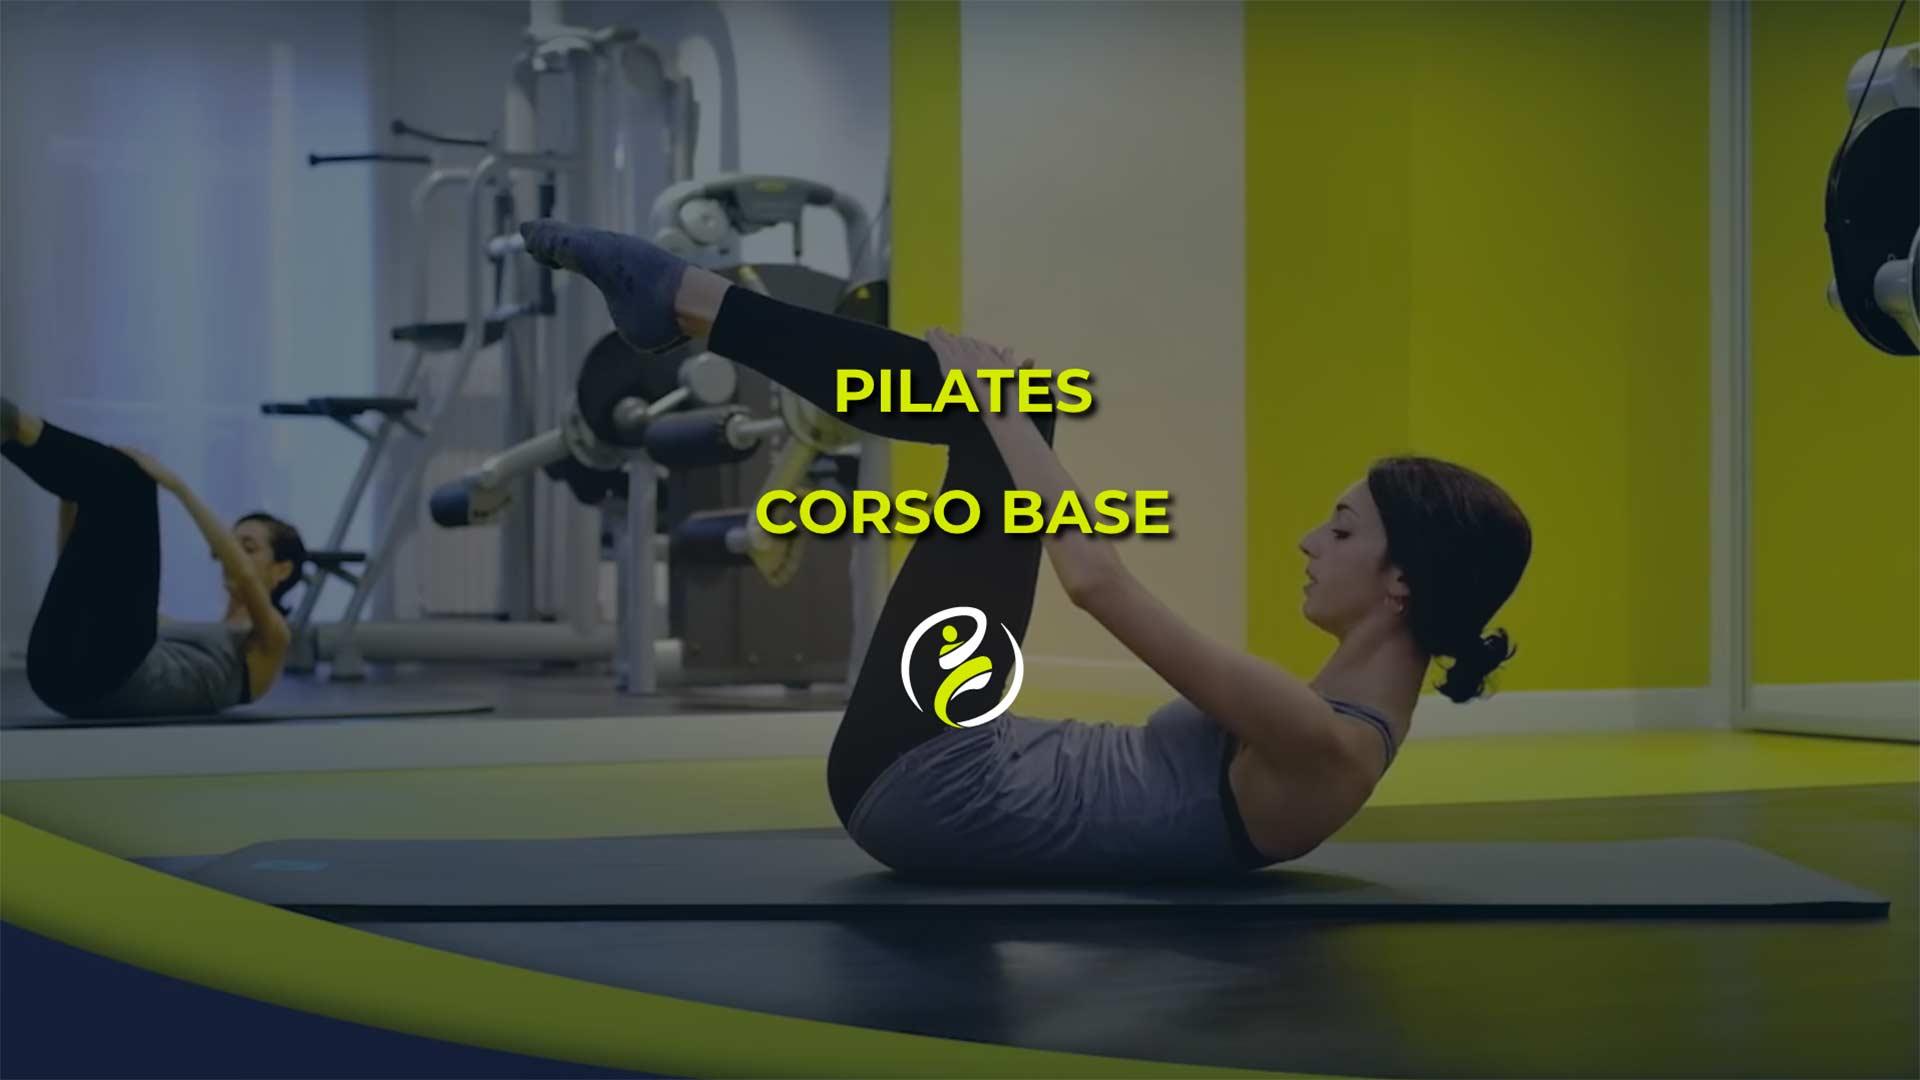 pilates-corso-base